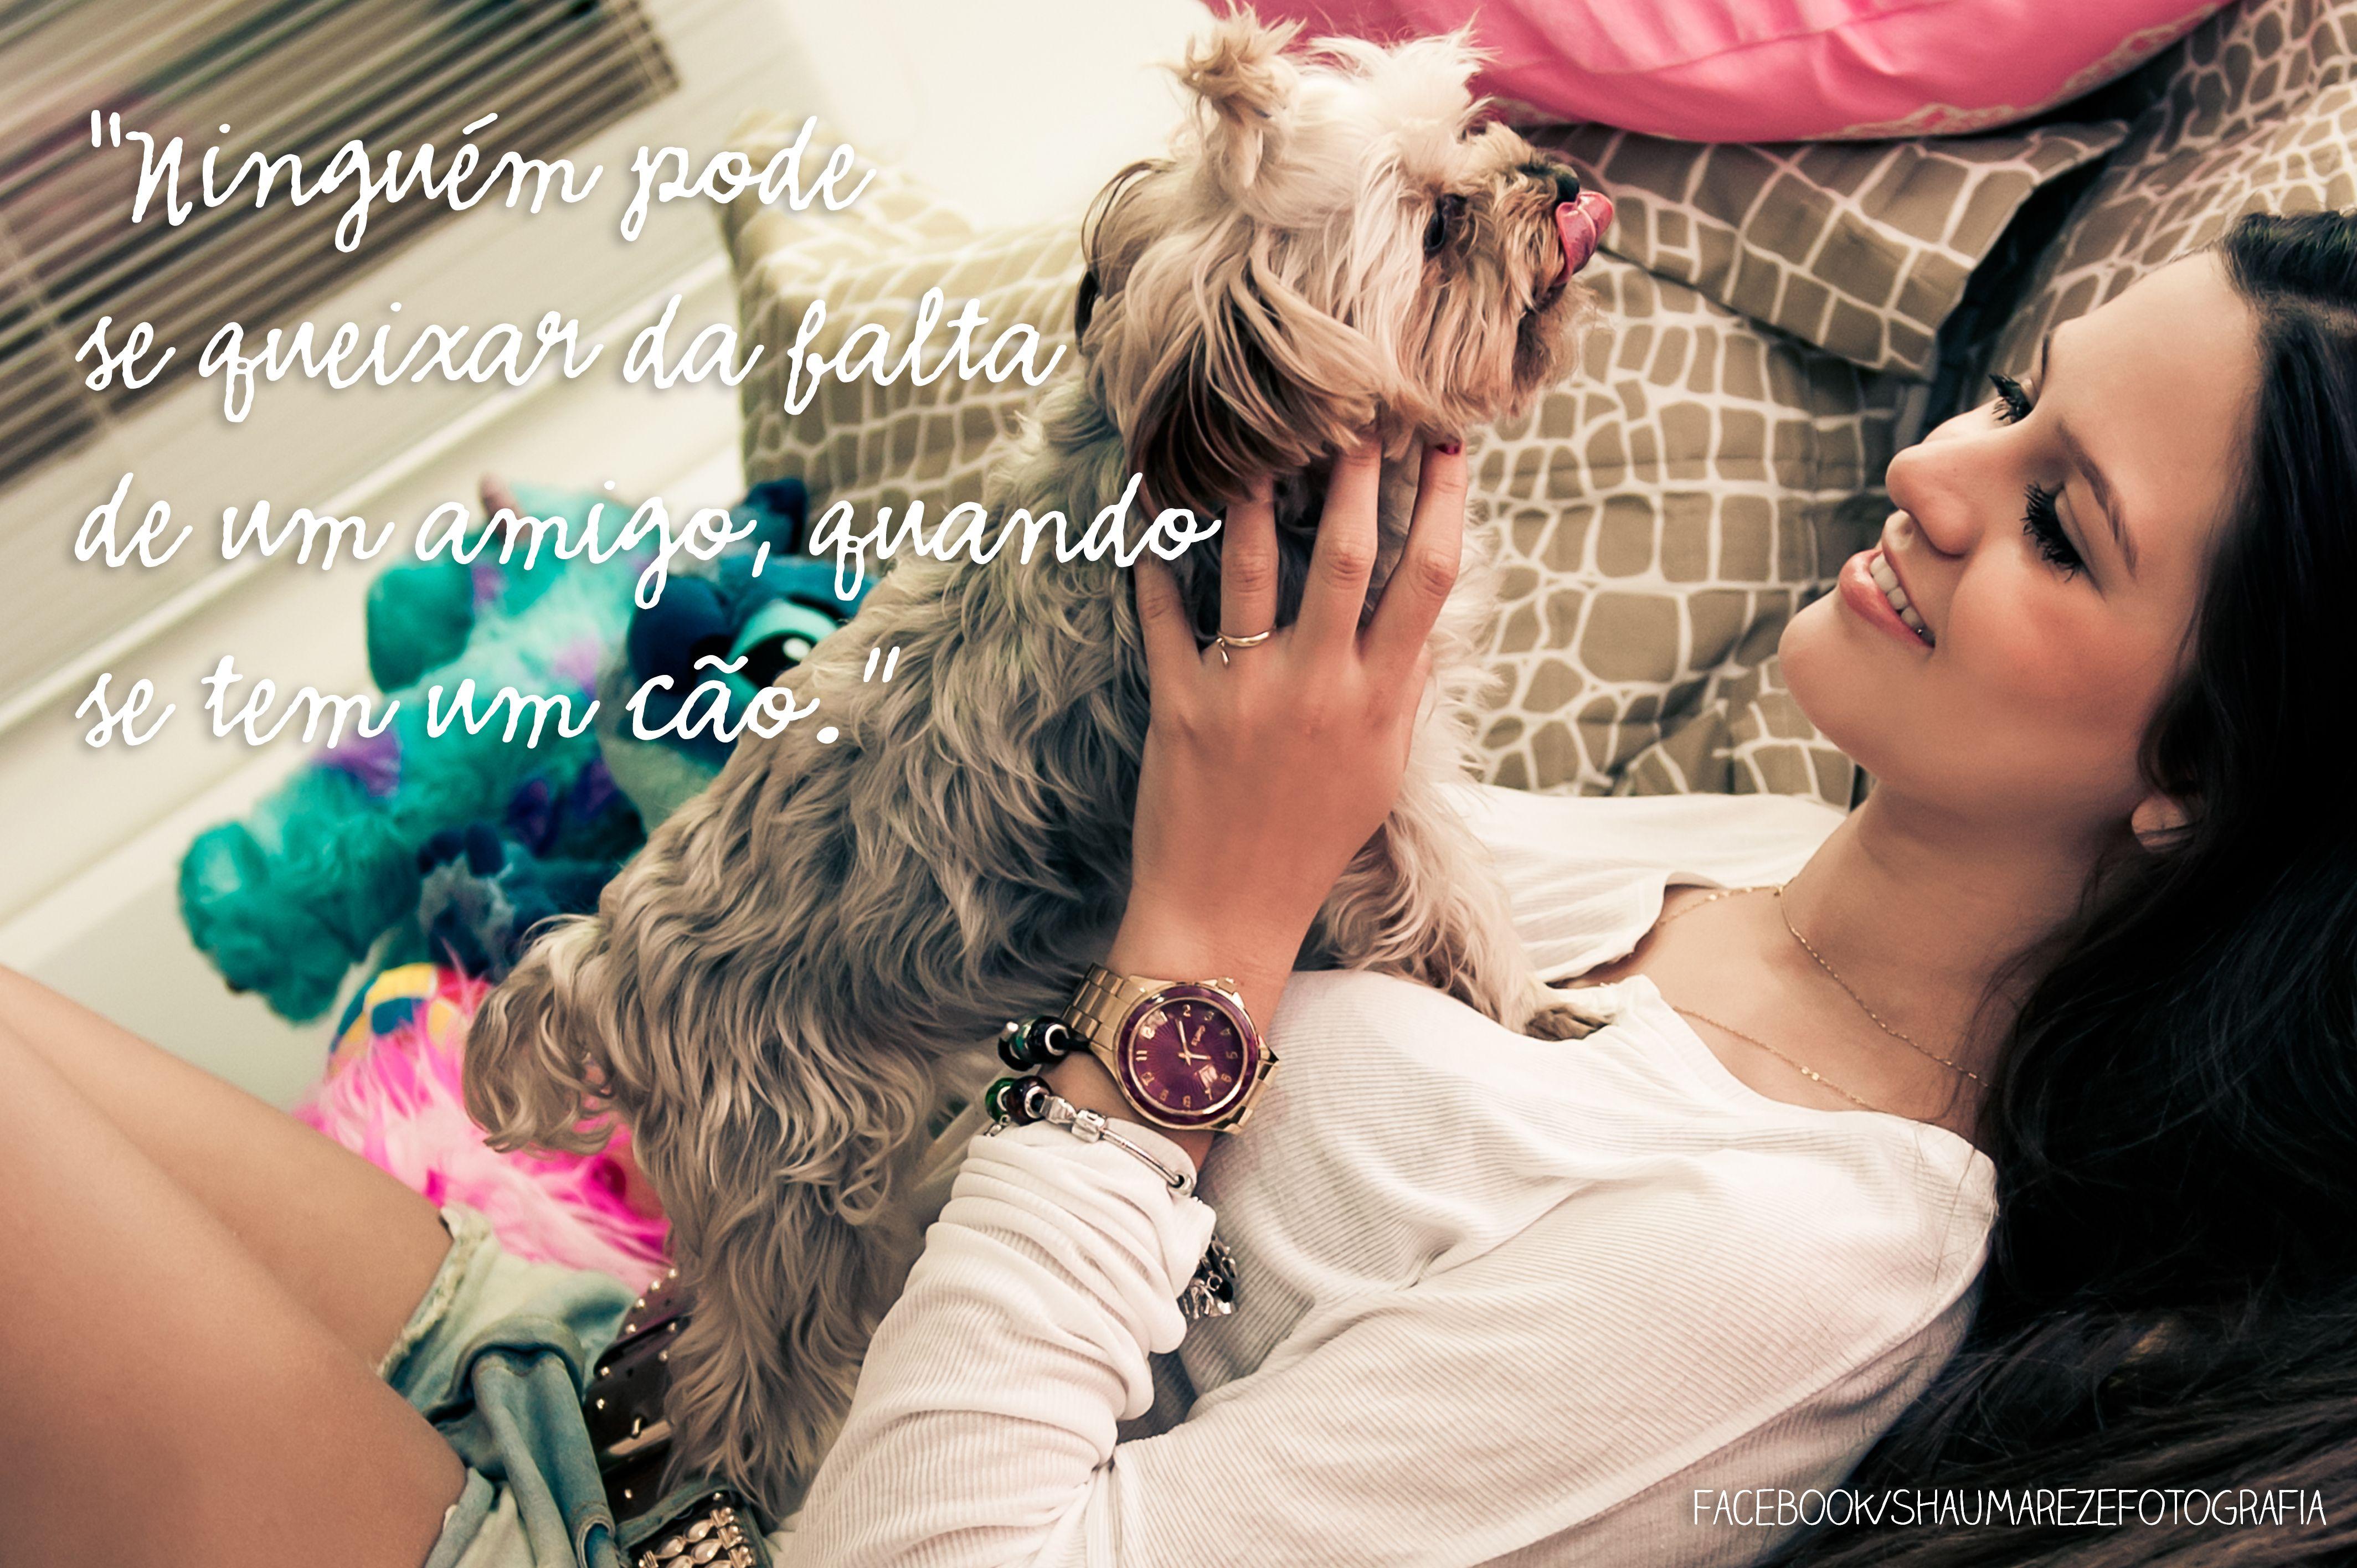 """""""Ninguém pode se queixar da falta de um amigo, quando se tem um cão."""" - Marquês de Maricá"""